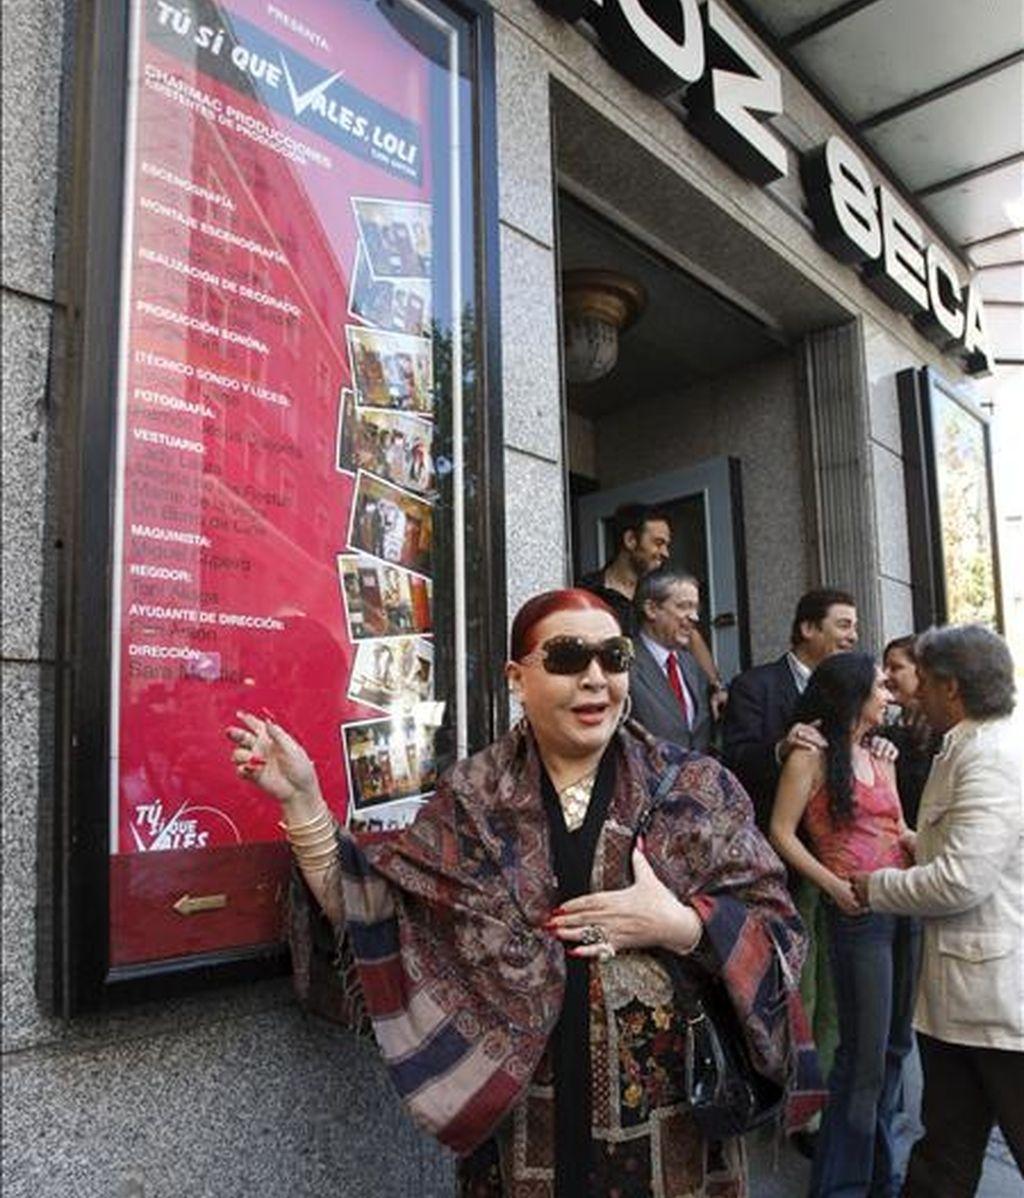 """Sara Montiel posa a las puertas del Teatro Muñoz Seca de Madrid, junto al cartel de la obra teatral """"Tu si que vales, Loli"""", en la que la artista debuta como directora. EFE"""